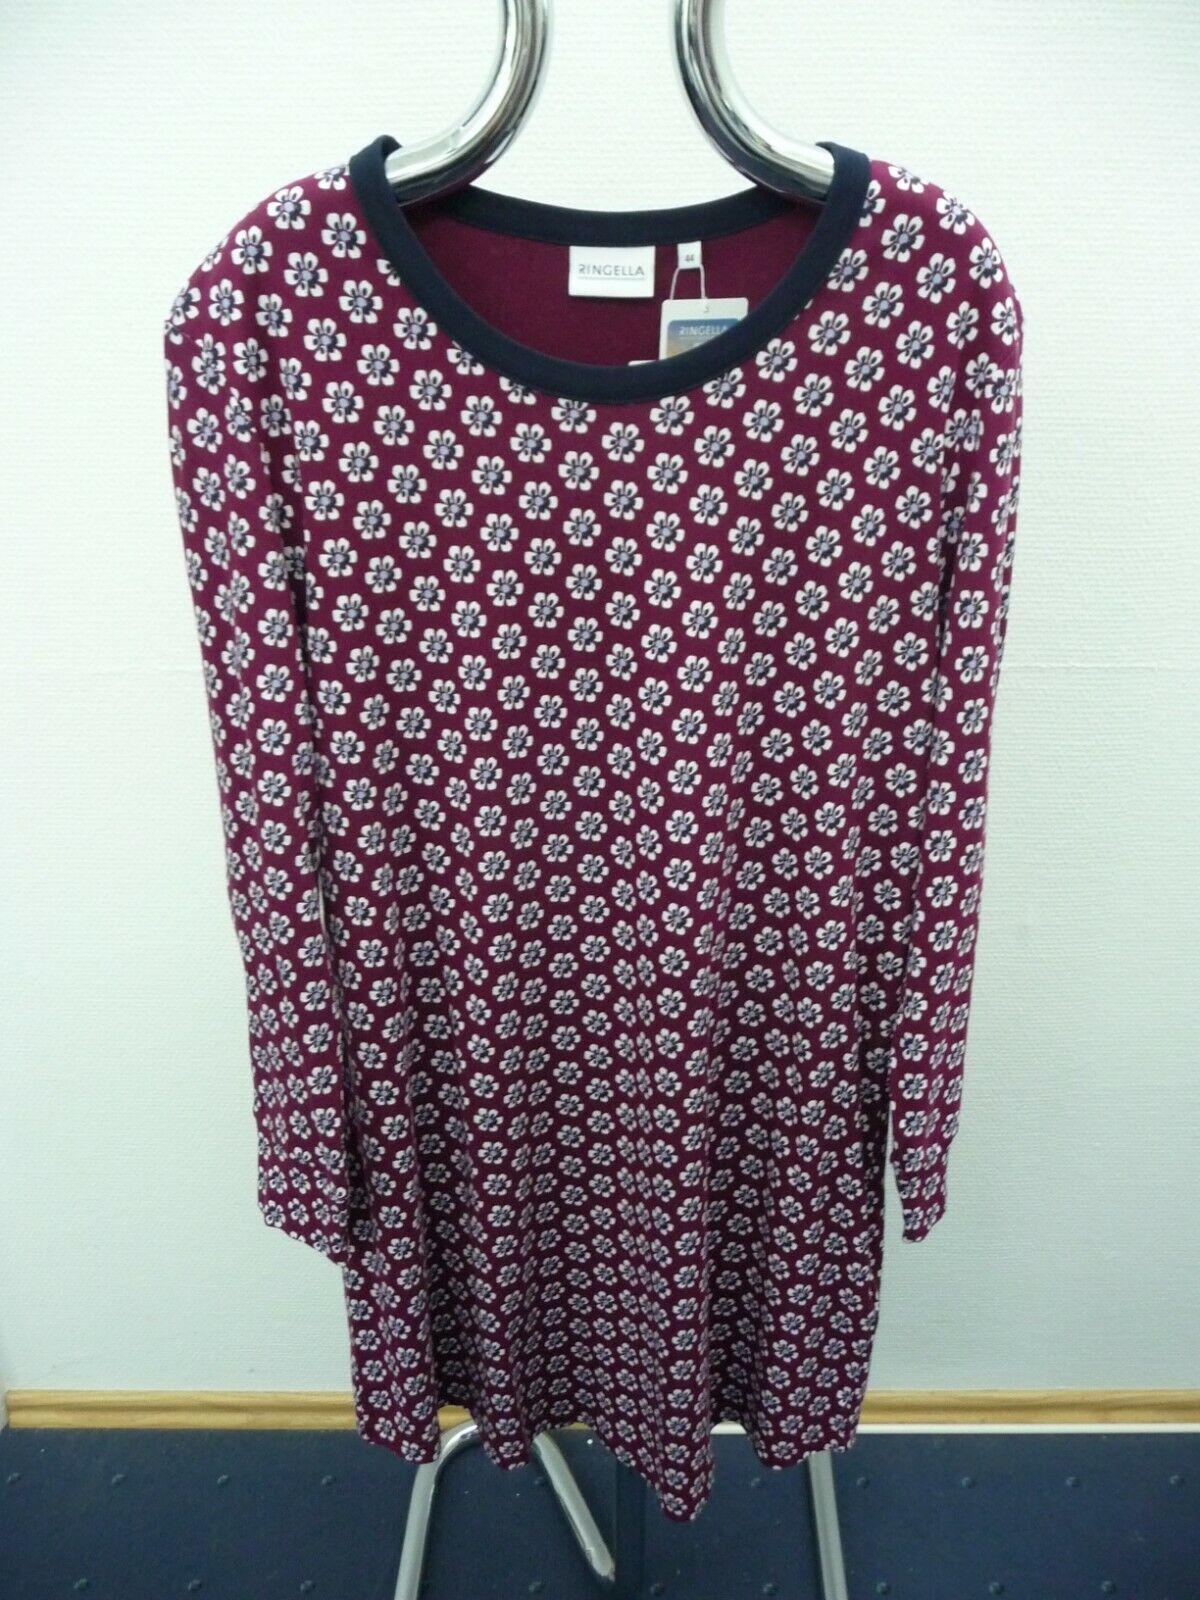 Damen Nachthemd Ringella Art. 0511028 Fb. 327 Beere gemustert Neu!